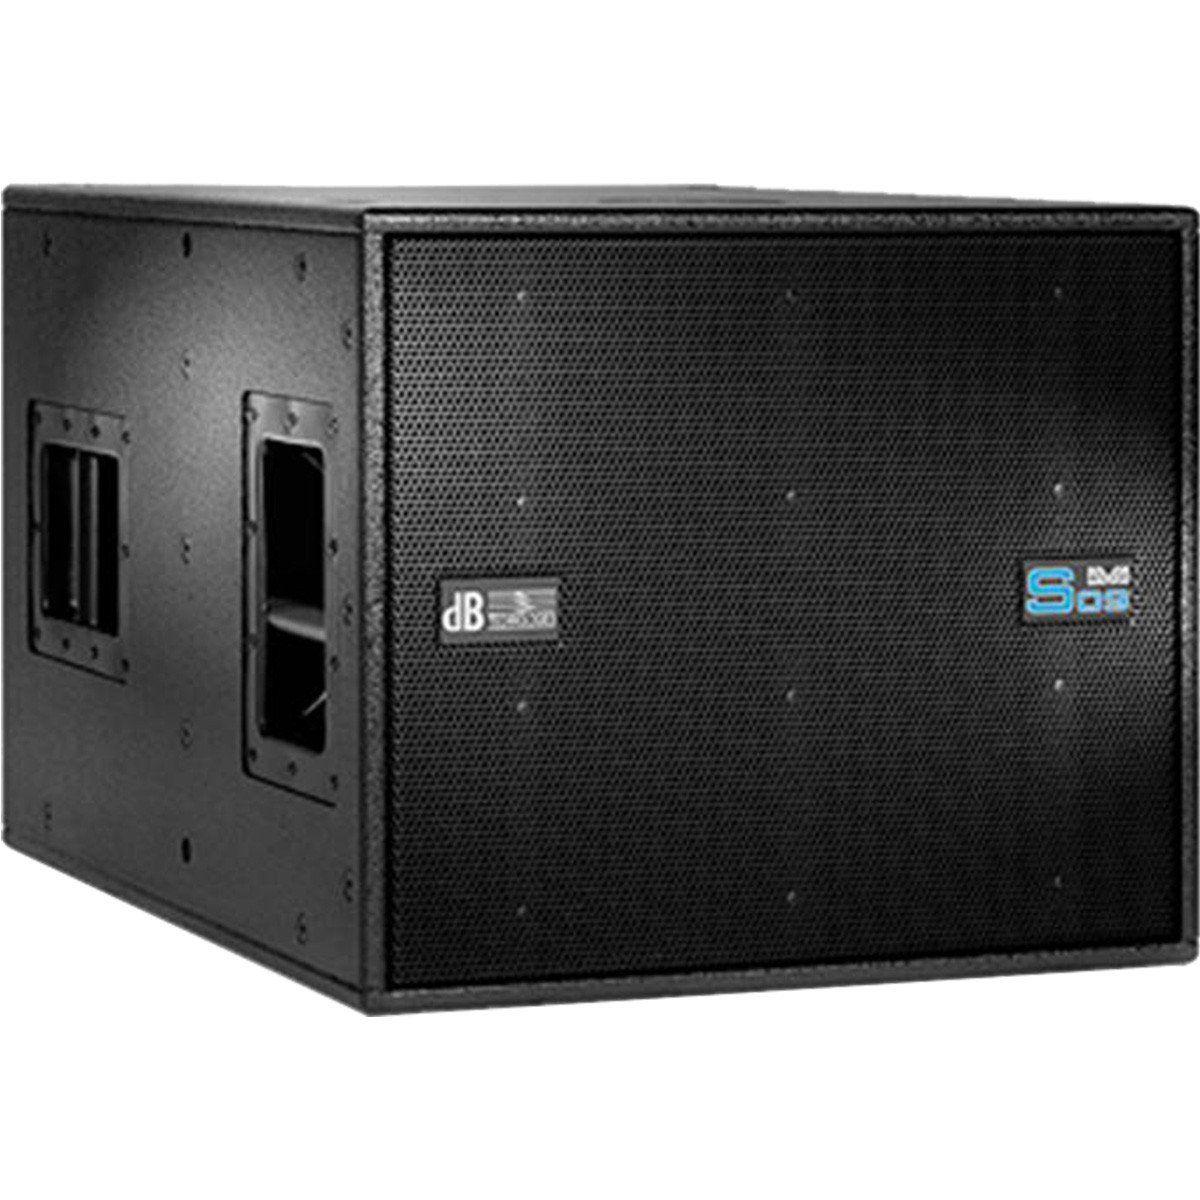 dB Technologies DVA S09DP Caixa de Som DVA S-09-DP Ativa 1000W Subwoofer para Palcos